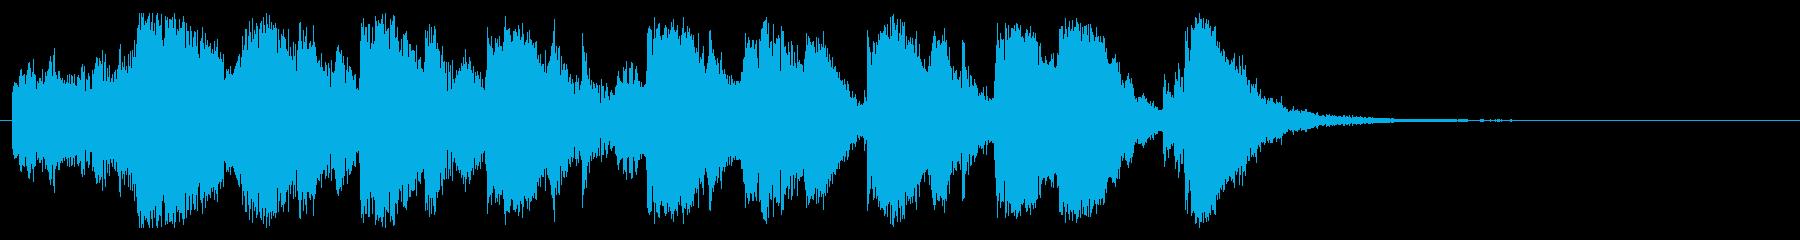 ジングル、弦、アニメ、ファンタジー、明るの再生済みの波形